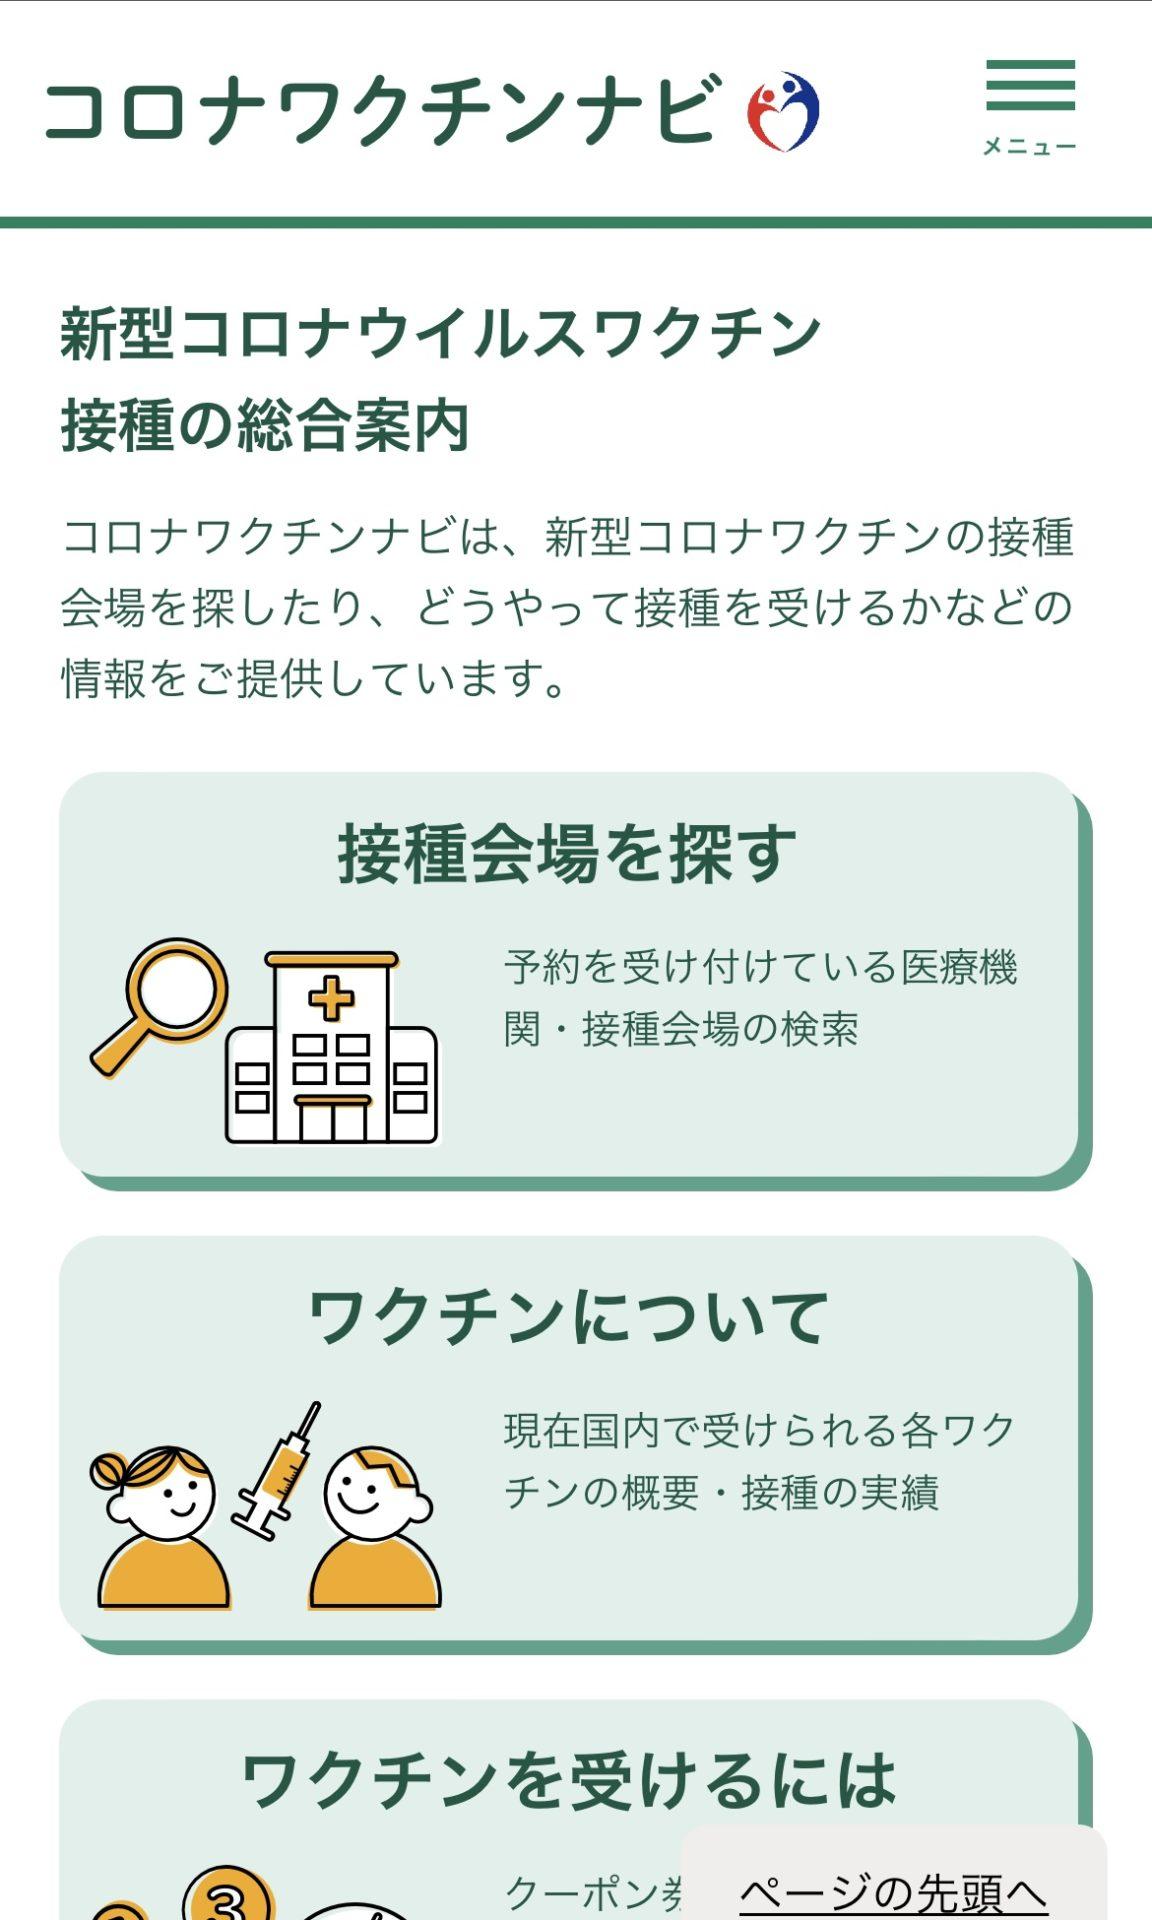 【ワクチンの接種を希望で、接種未予約の方へ】 接種予約などにワクチンナビを活用ください